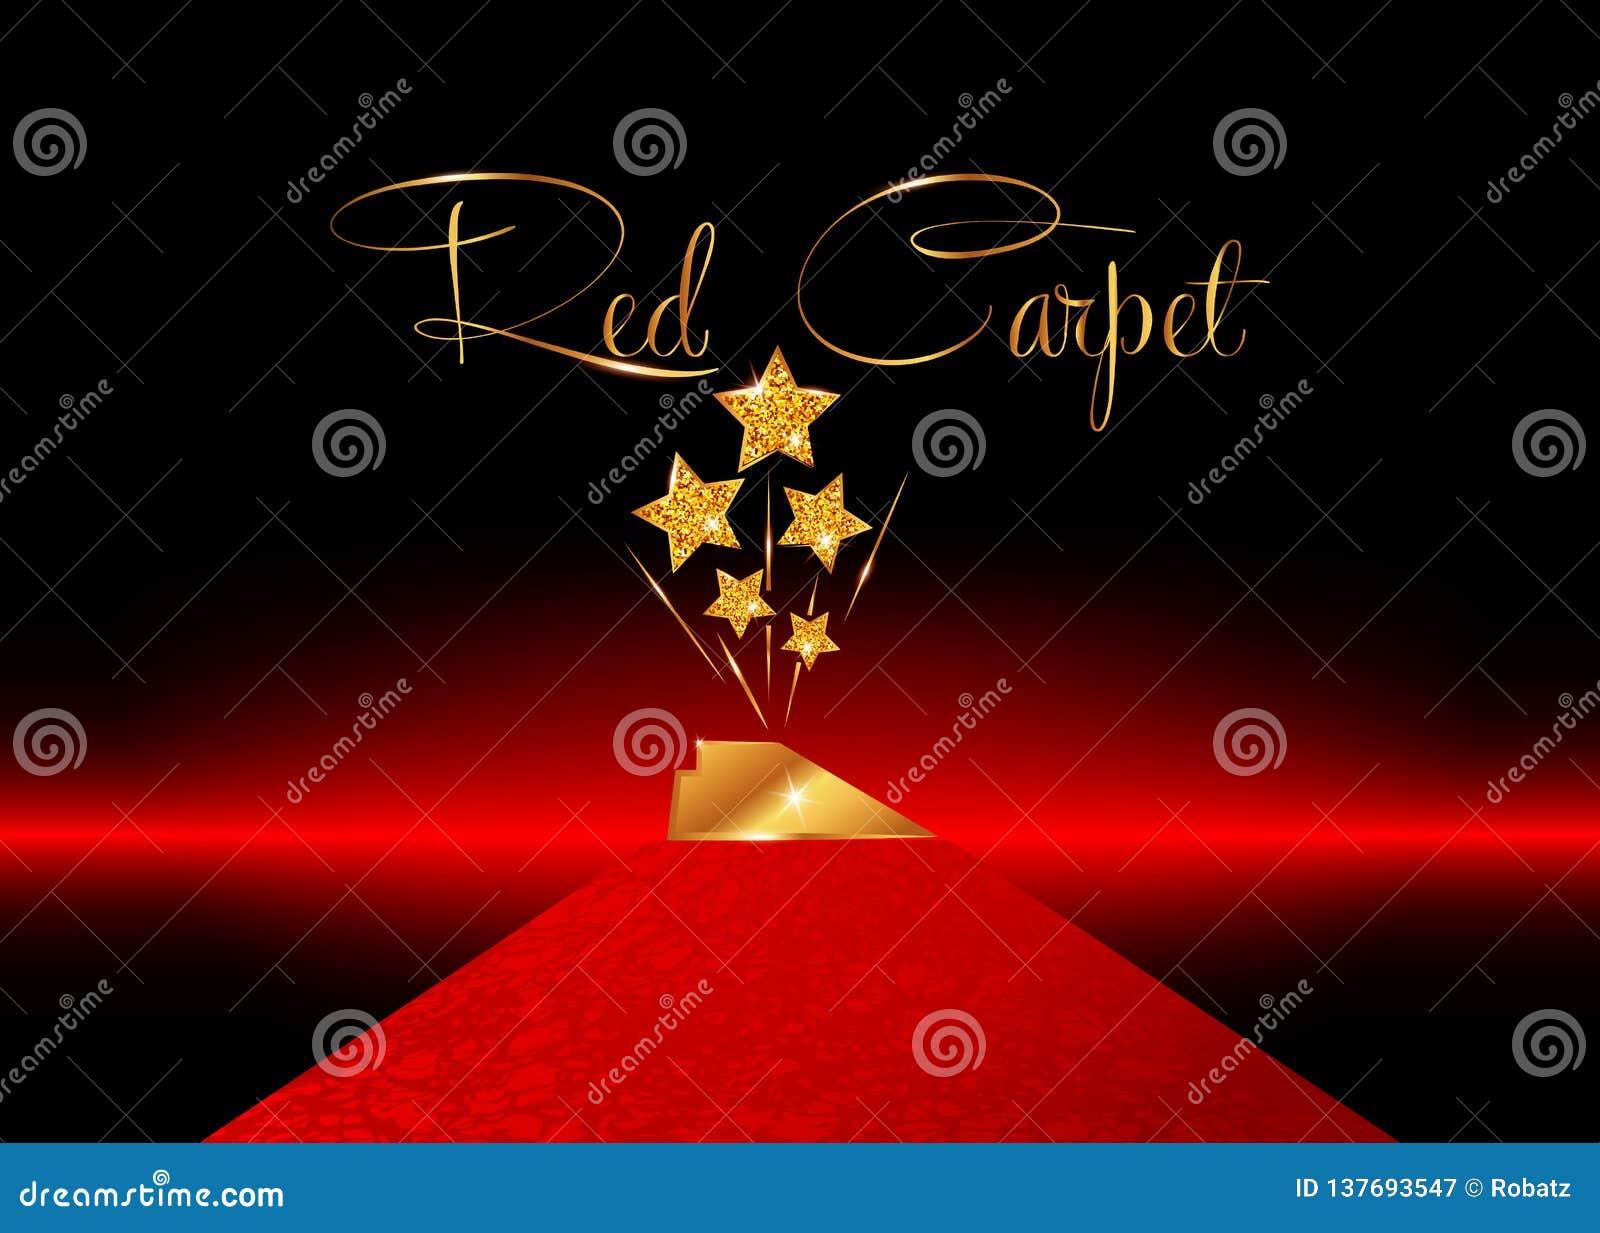 HOLLYWOOD filmu przyjęcia złota gwiazdy nagrody statuy nagroda Daje ceremonia czerwonemu chodnikowi i Złotym gwiazdom nagrodzony